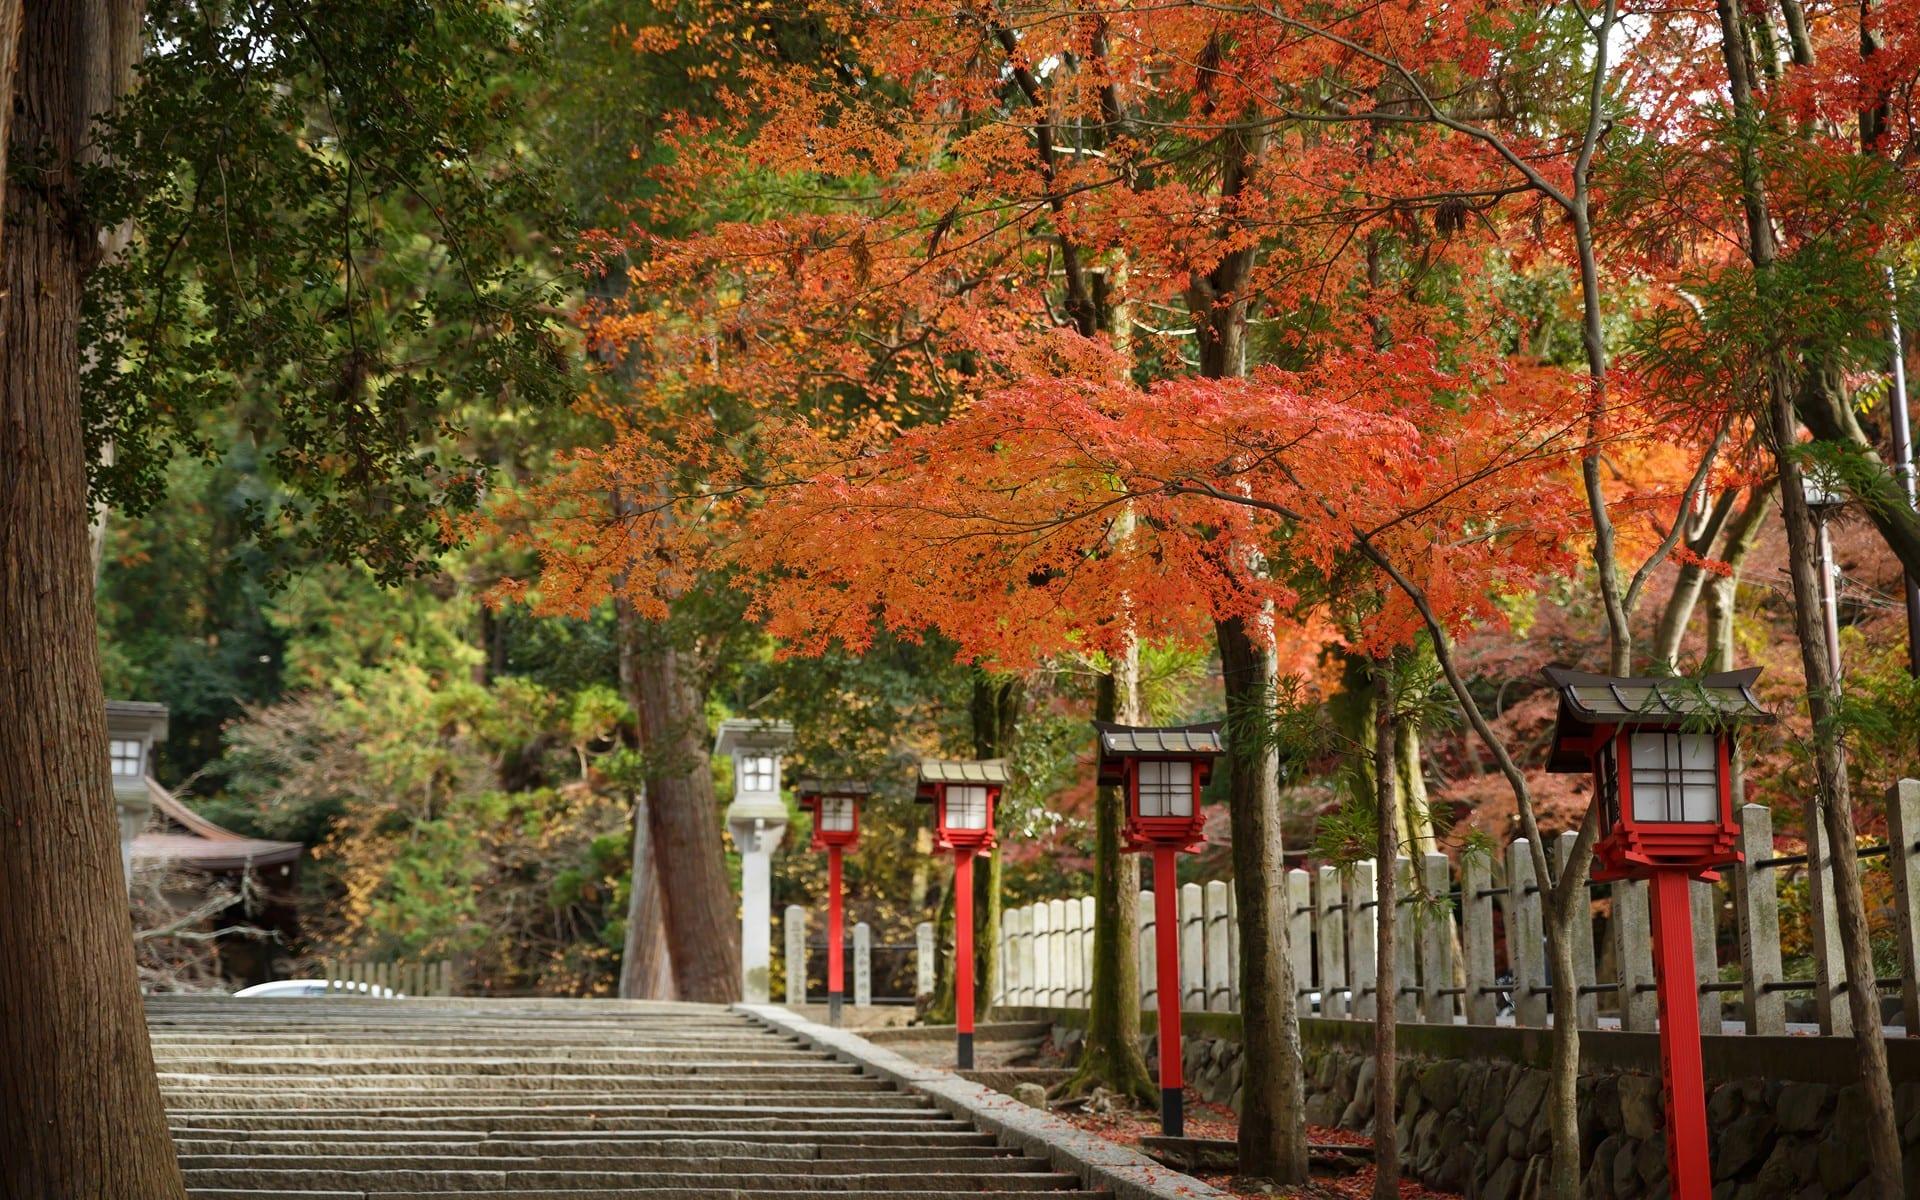 2013年紅葉の京都・吉田神社の壁紙その2(計16枚) - 壁紙&日々駄文